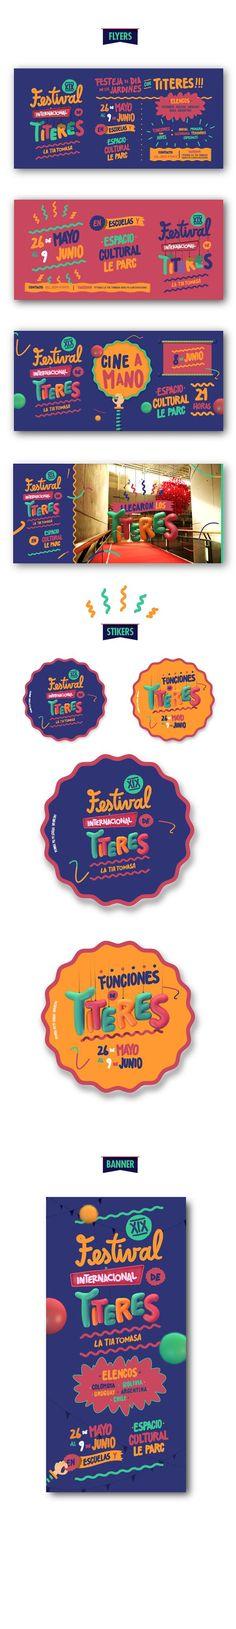 XIX Festival Internacional de Titeres La Tia Tomasa by FOAK, via Behance